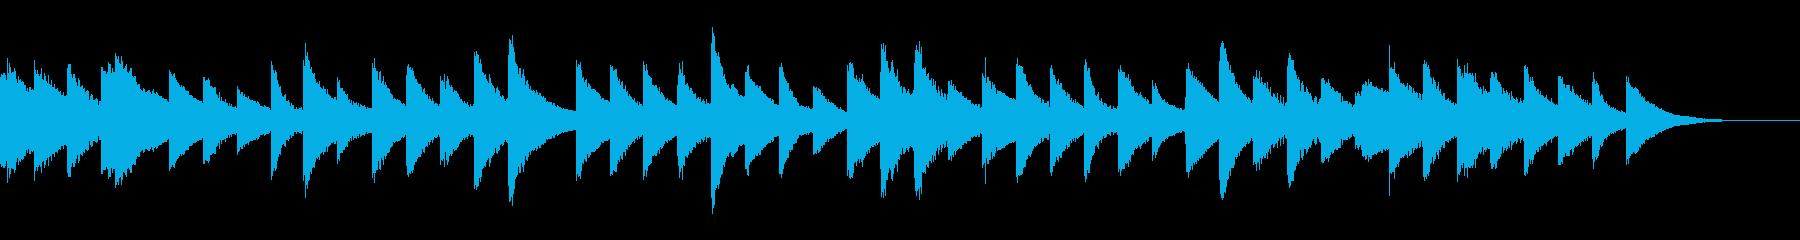 オルゴールが奏でるBGMの再生済みの波形